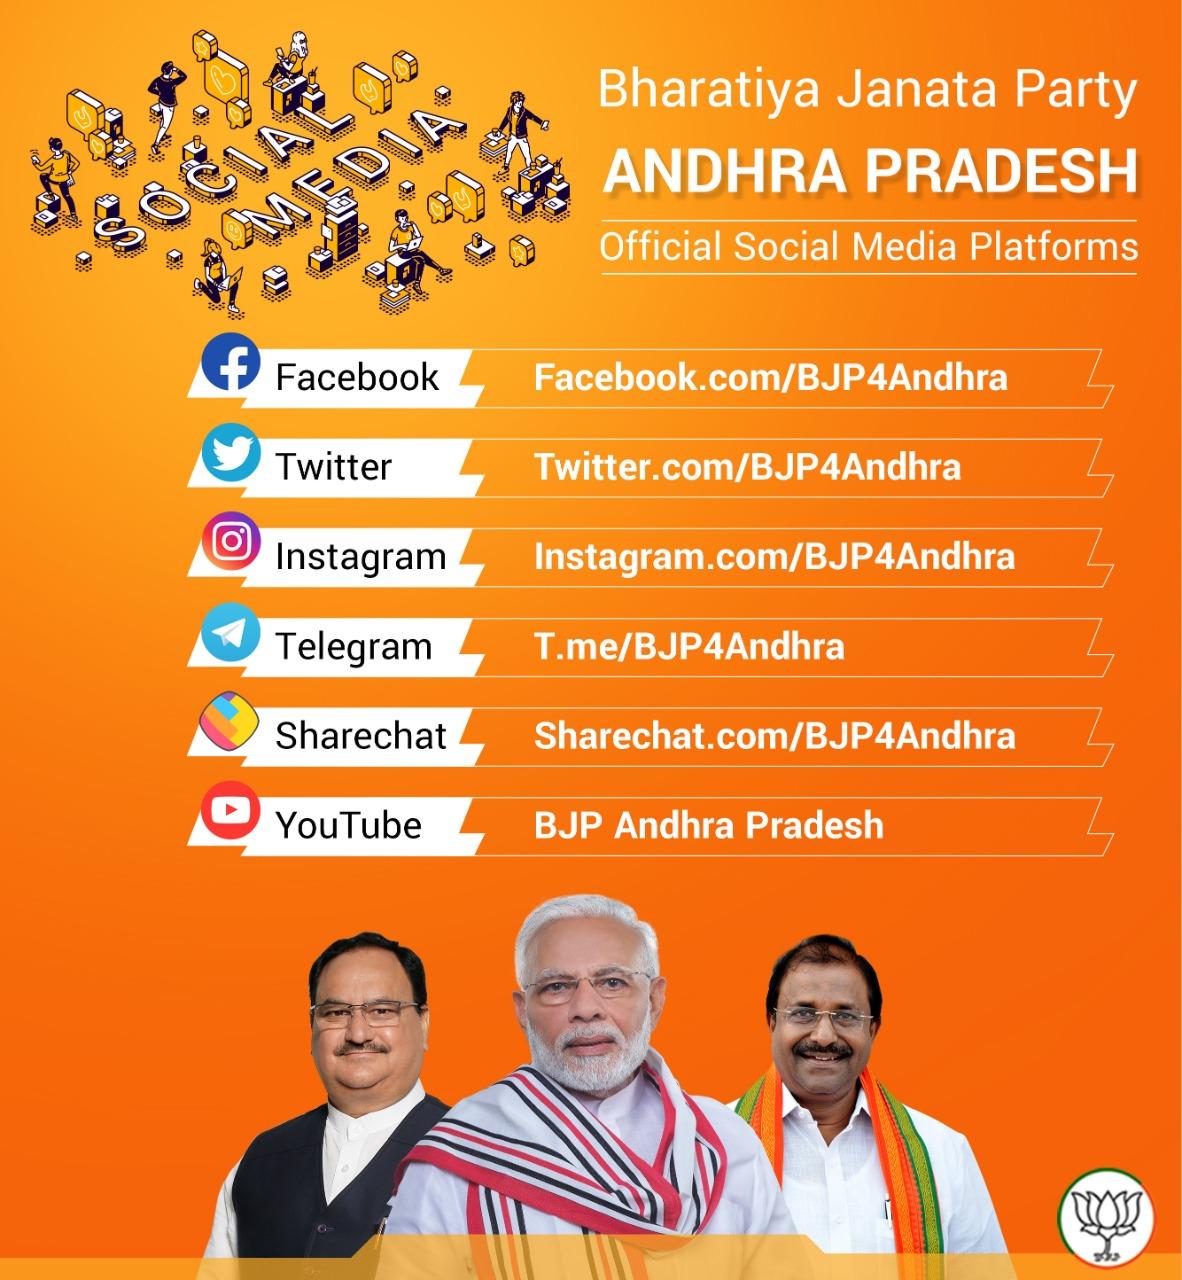 Official Social Media Platforms of Bharatiya Janata Party Andhra Pradesh